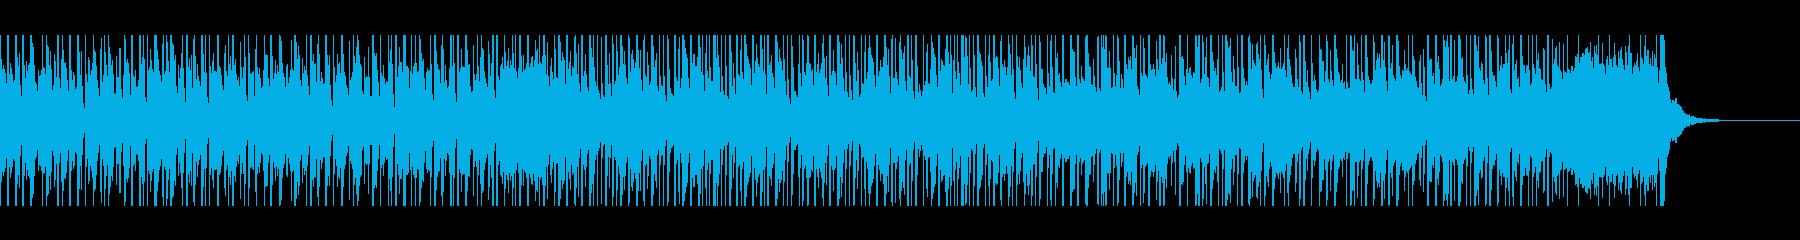 アラビアベリーダンス(60秒)の再生済みの波形